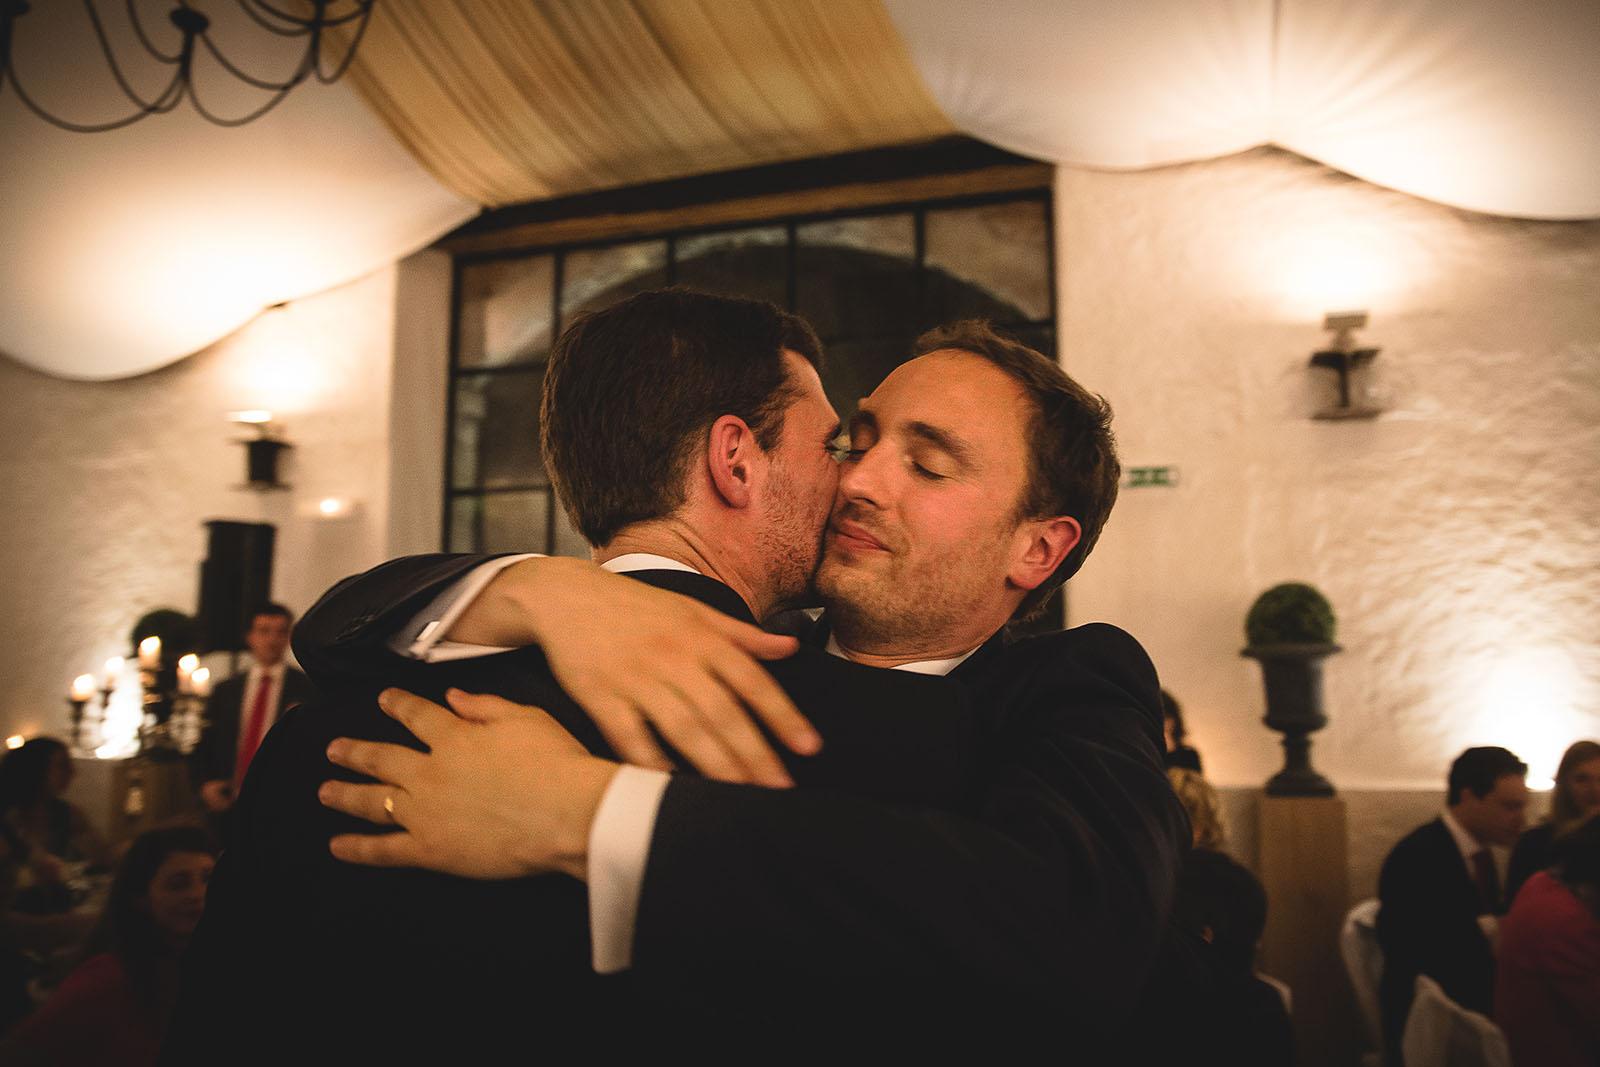 Mariage Château de Beauvoir. L'émotion du marié et son frère durant la soirée. David Pommier photographe de mariage